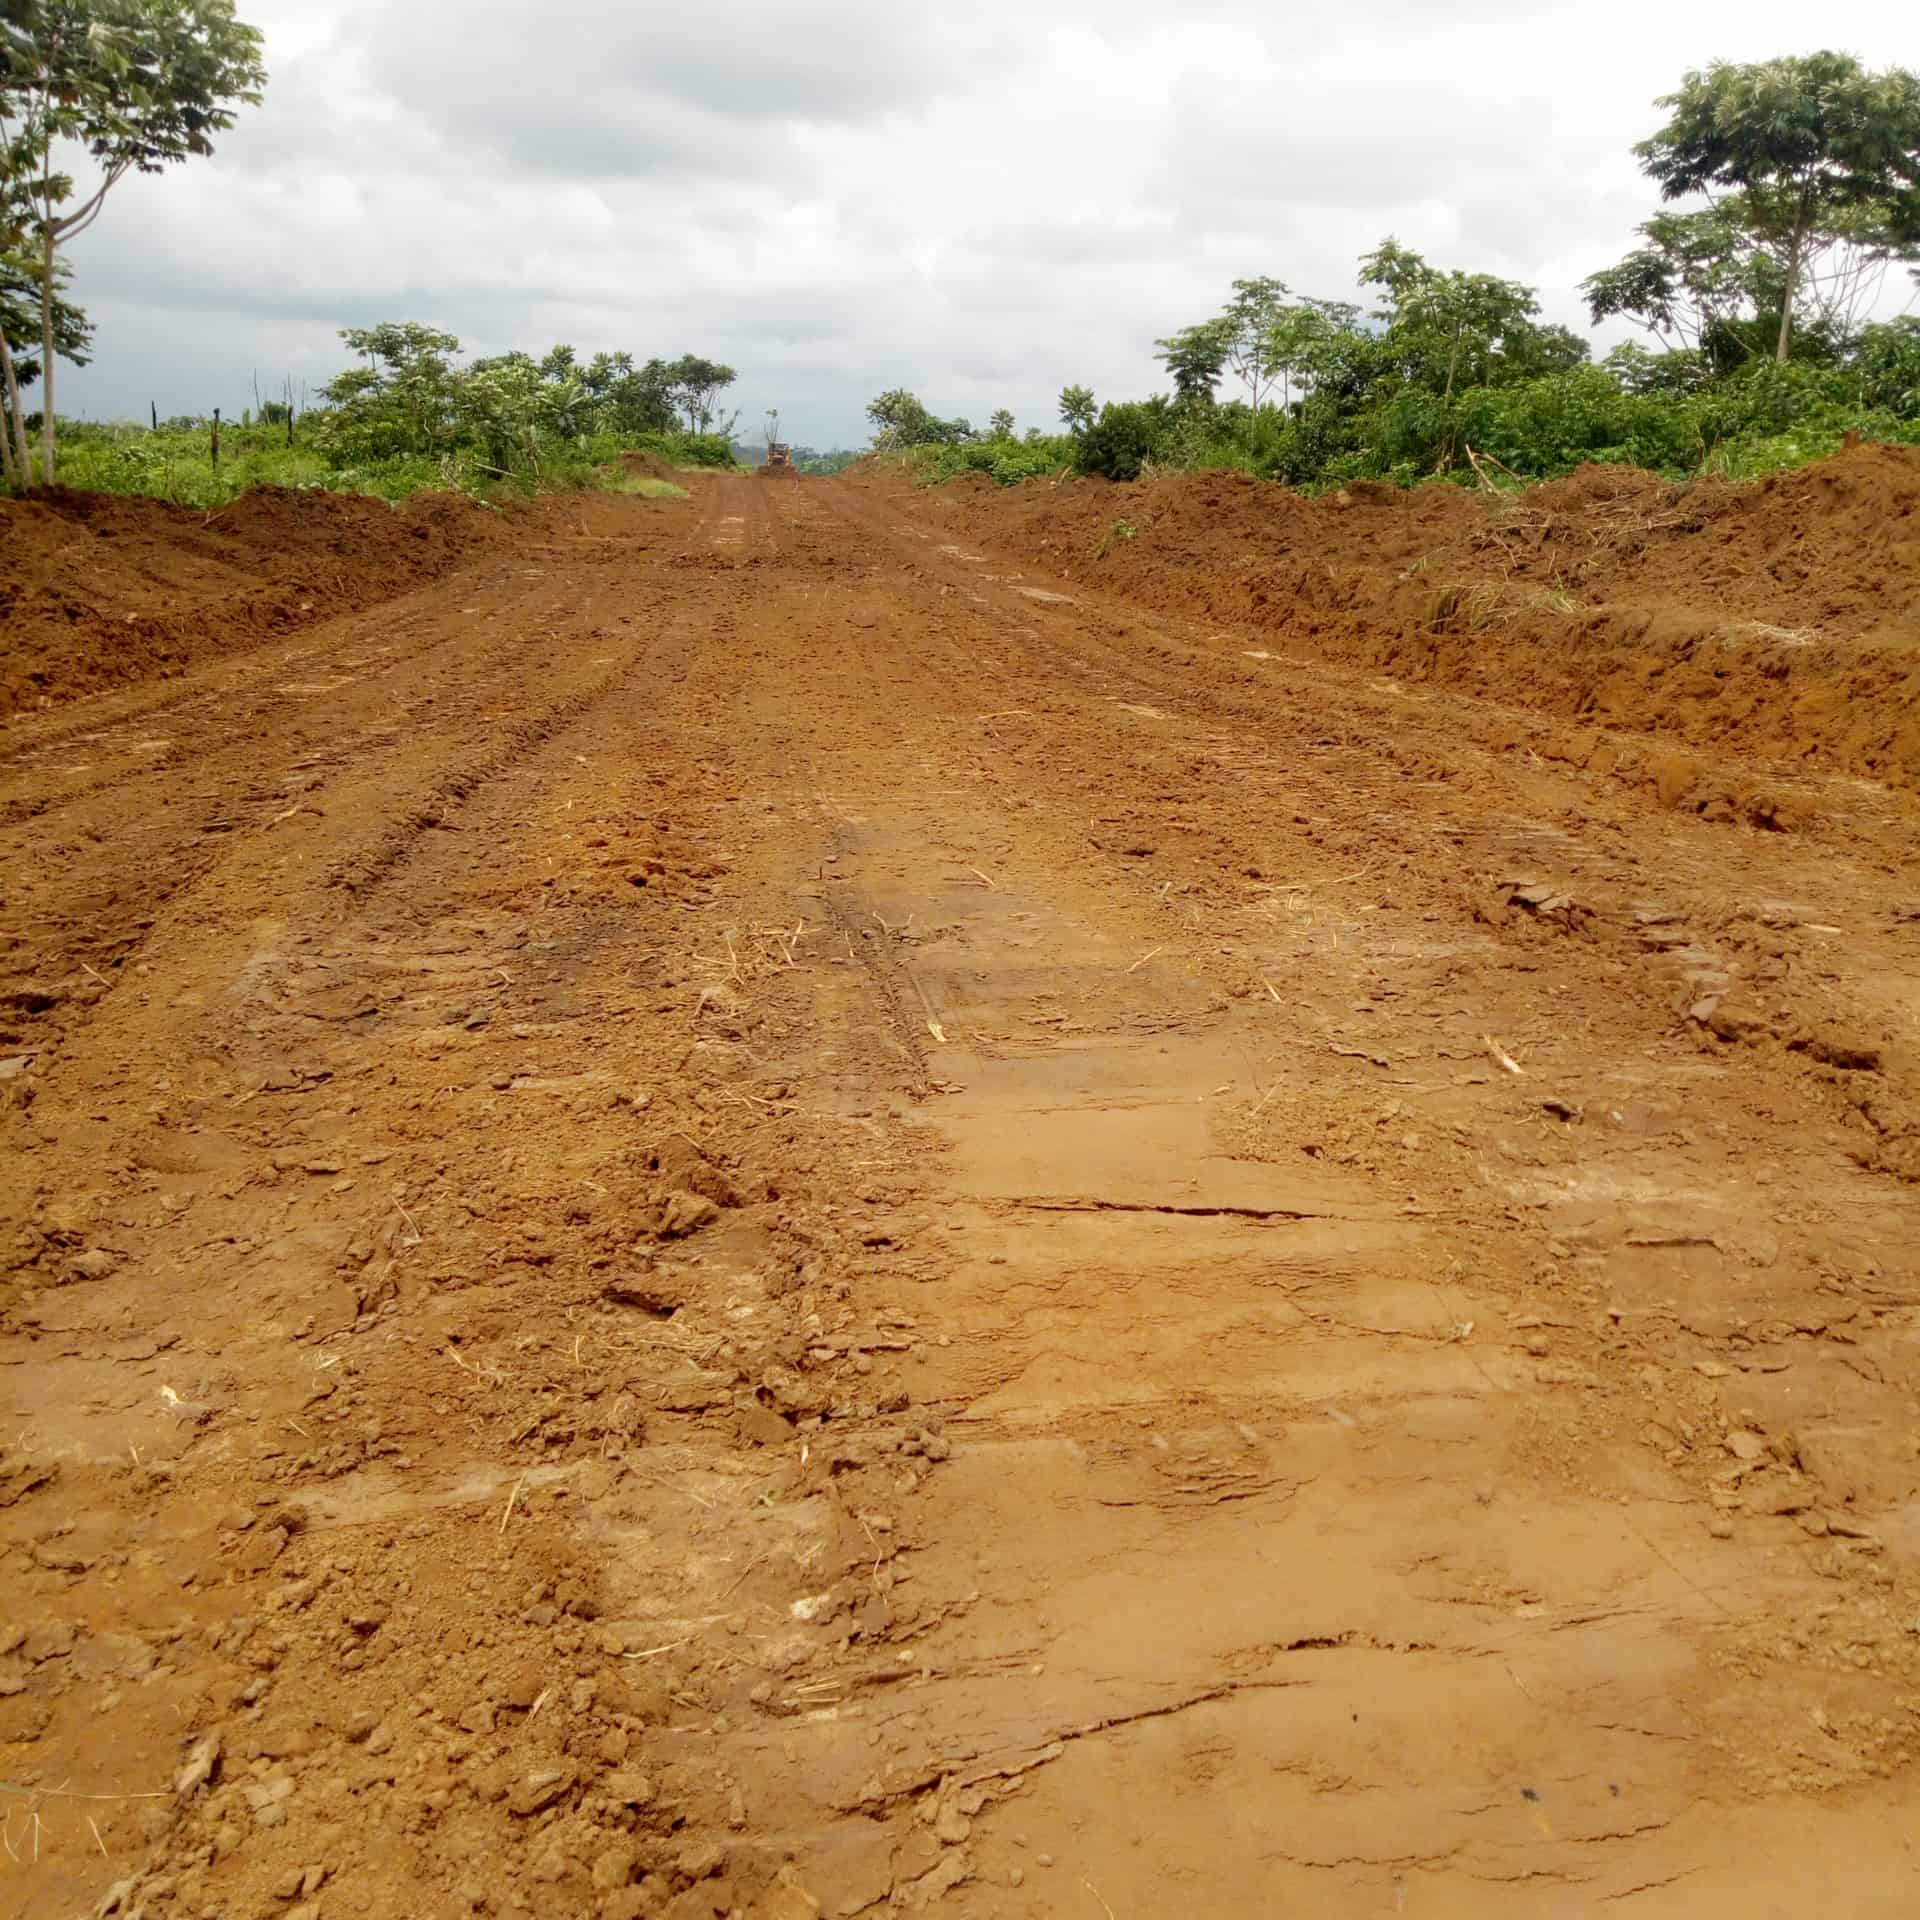 Terrain à vendre - Douala, PK 19, Pk19 - 3000 m2 - 7 000 000 FCFA